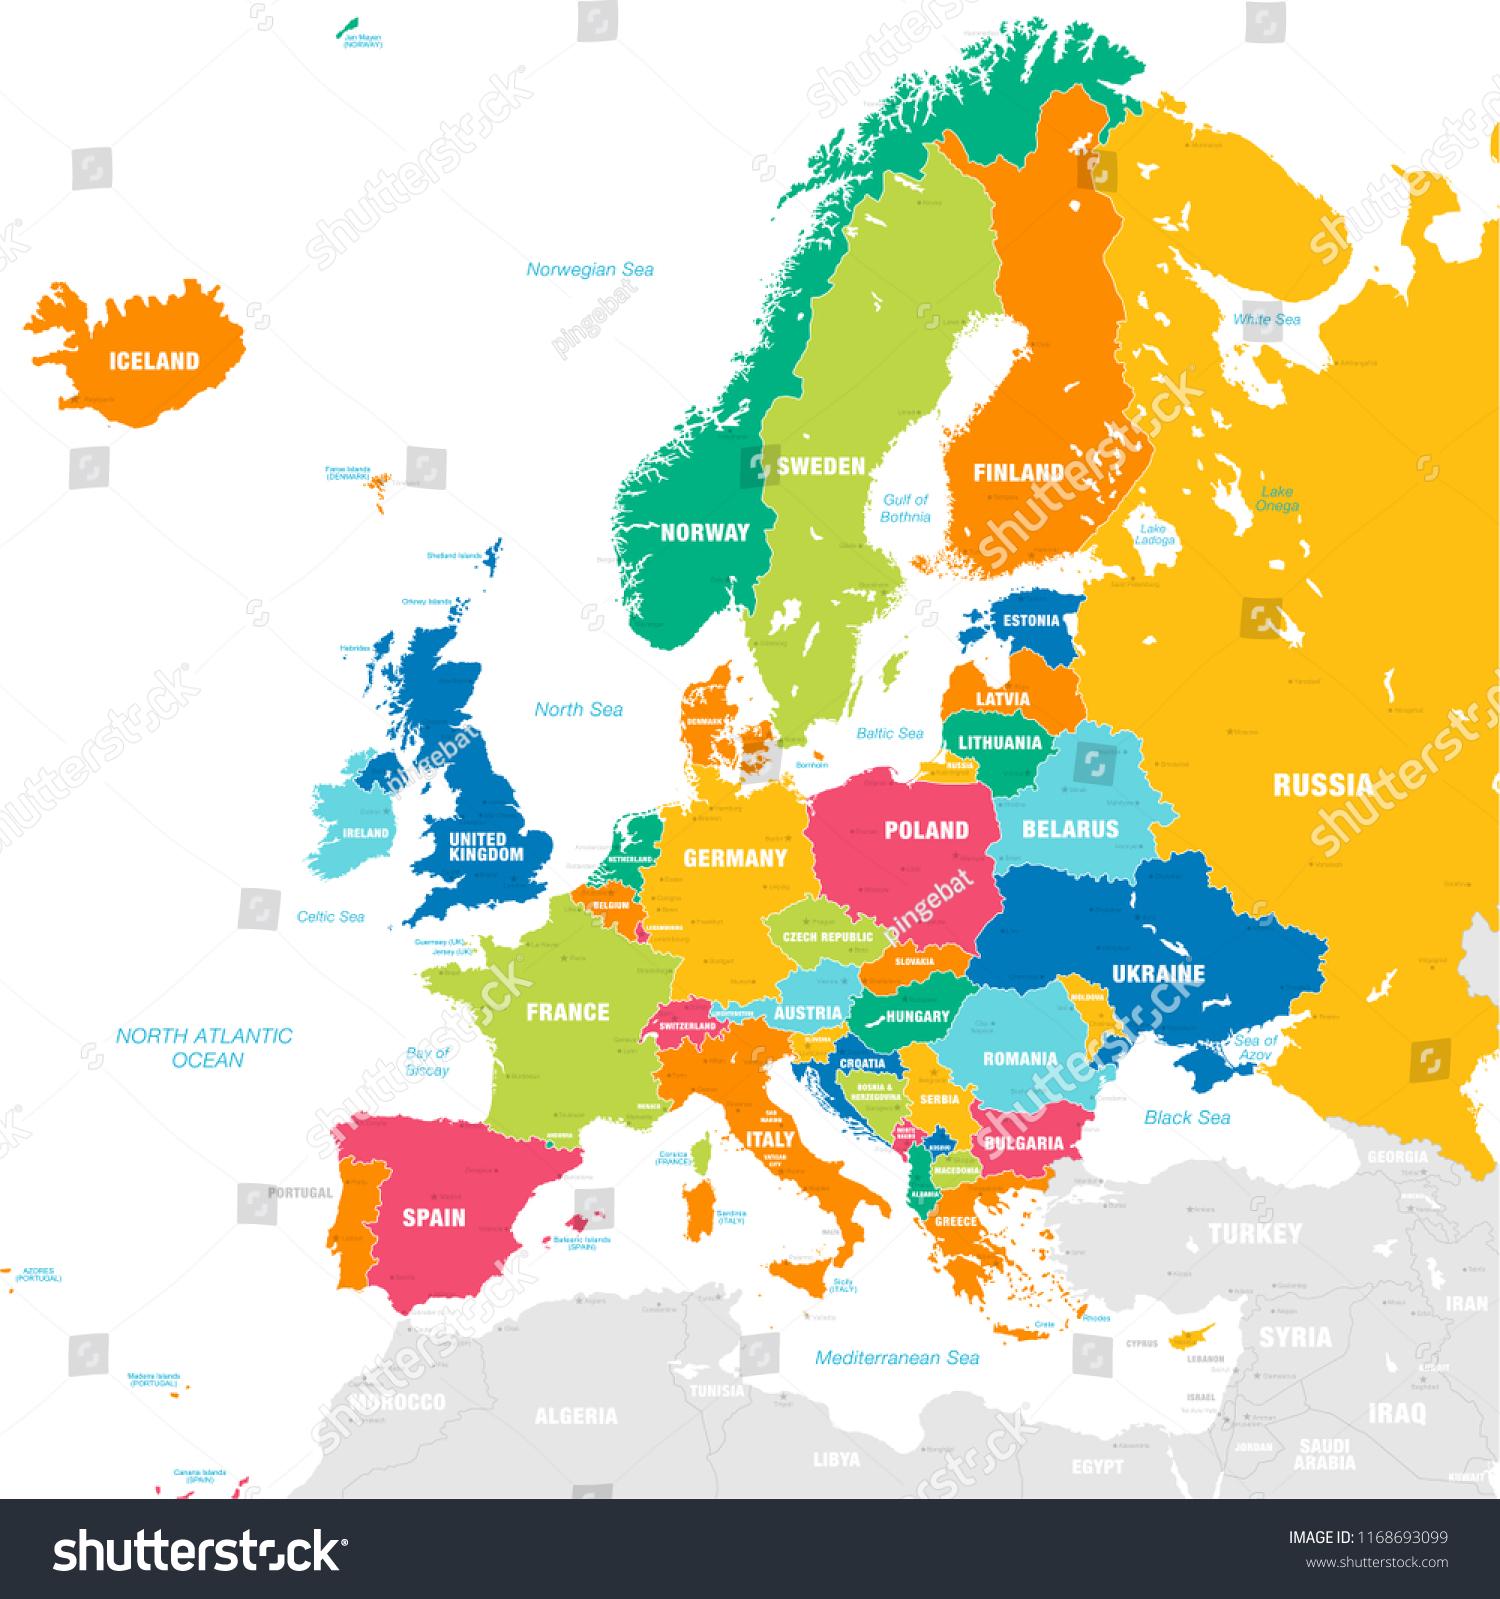 Stockvektor 1168693099 Med Vektorkarta Over Den Europeiska